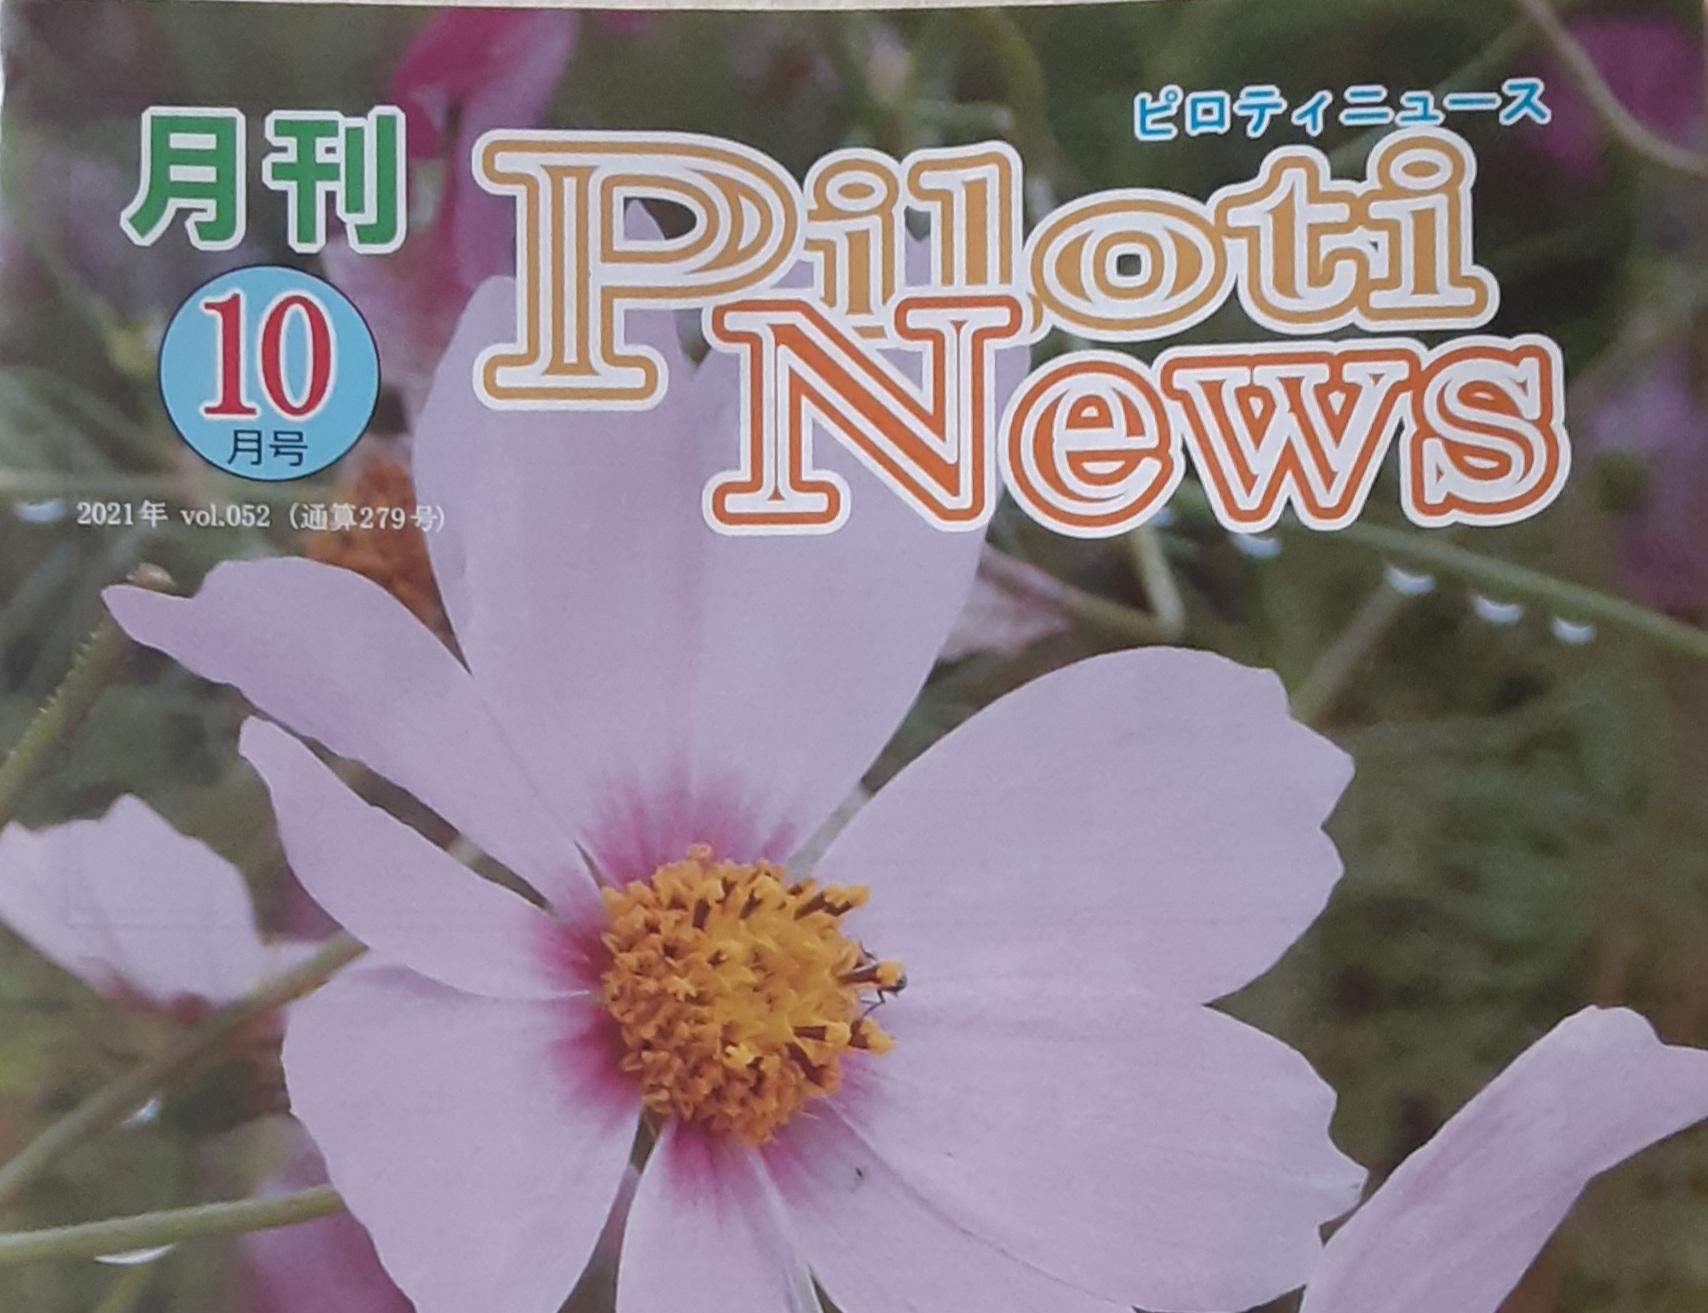 ピロティニュース10月号のみんなの広場に『ブライダルサロン灯』の新企画の案内を掲載して頂きました💐